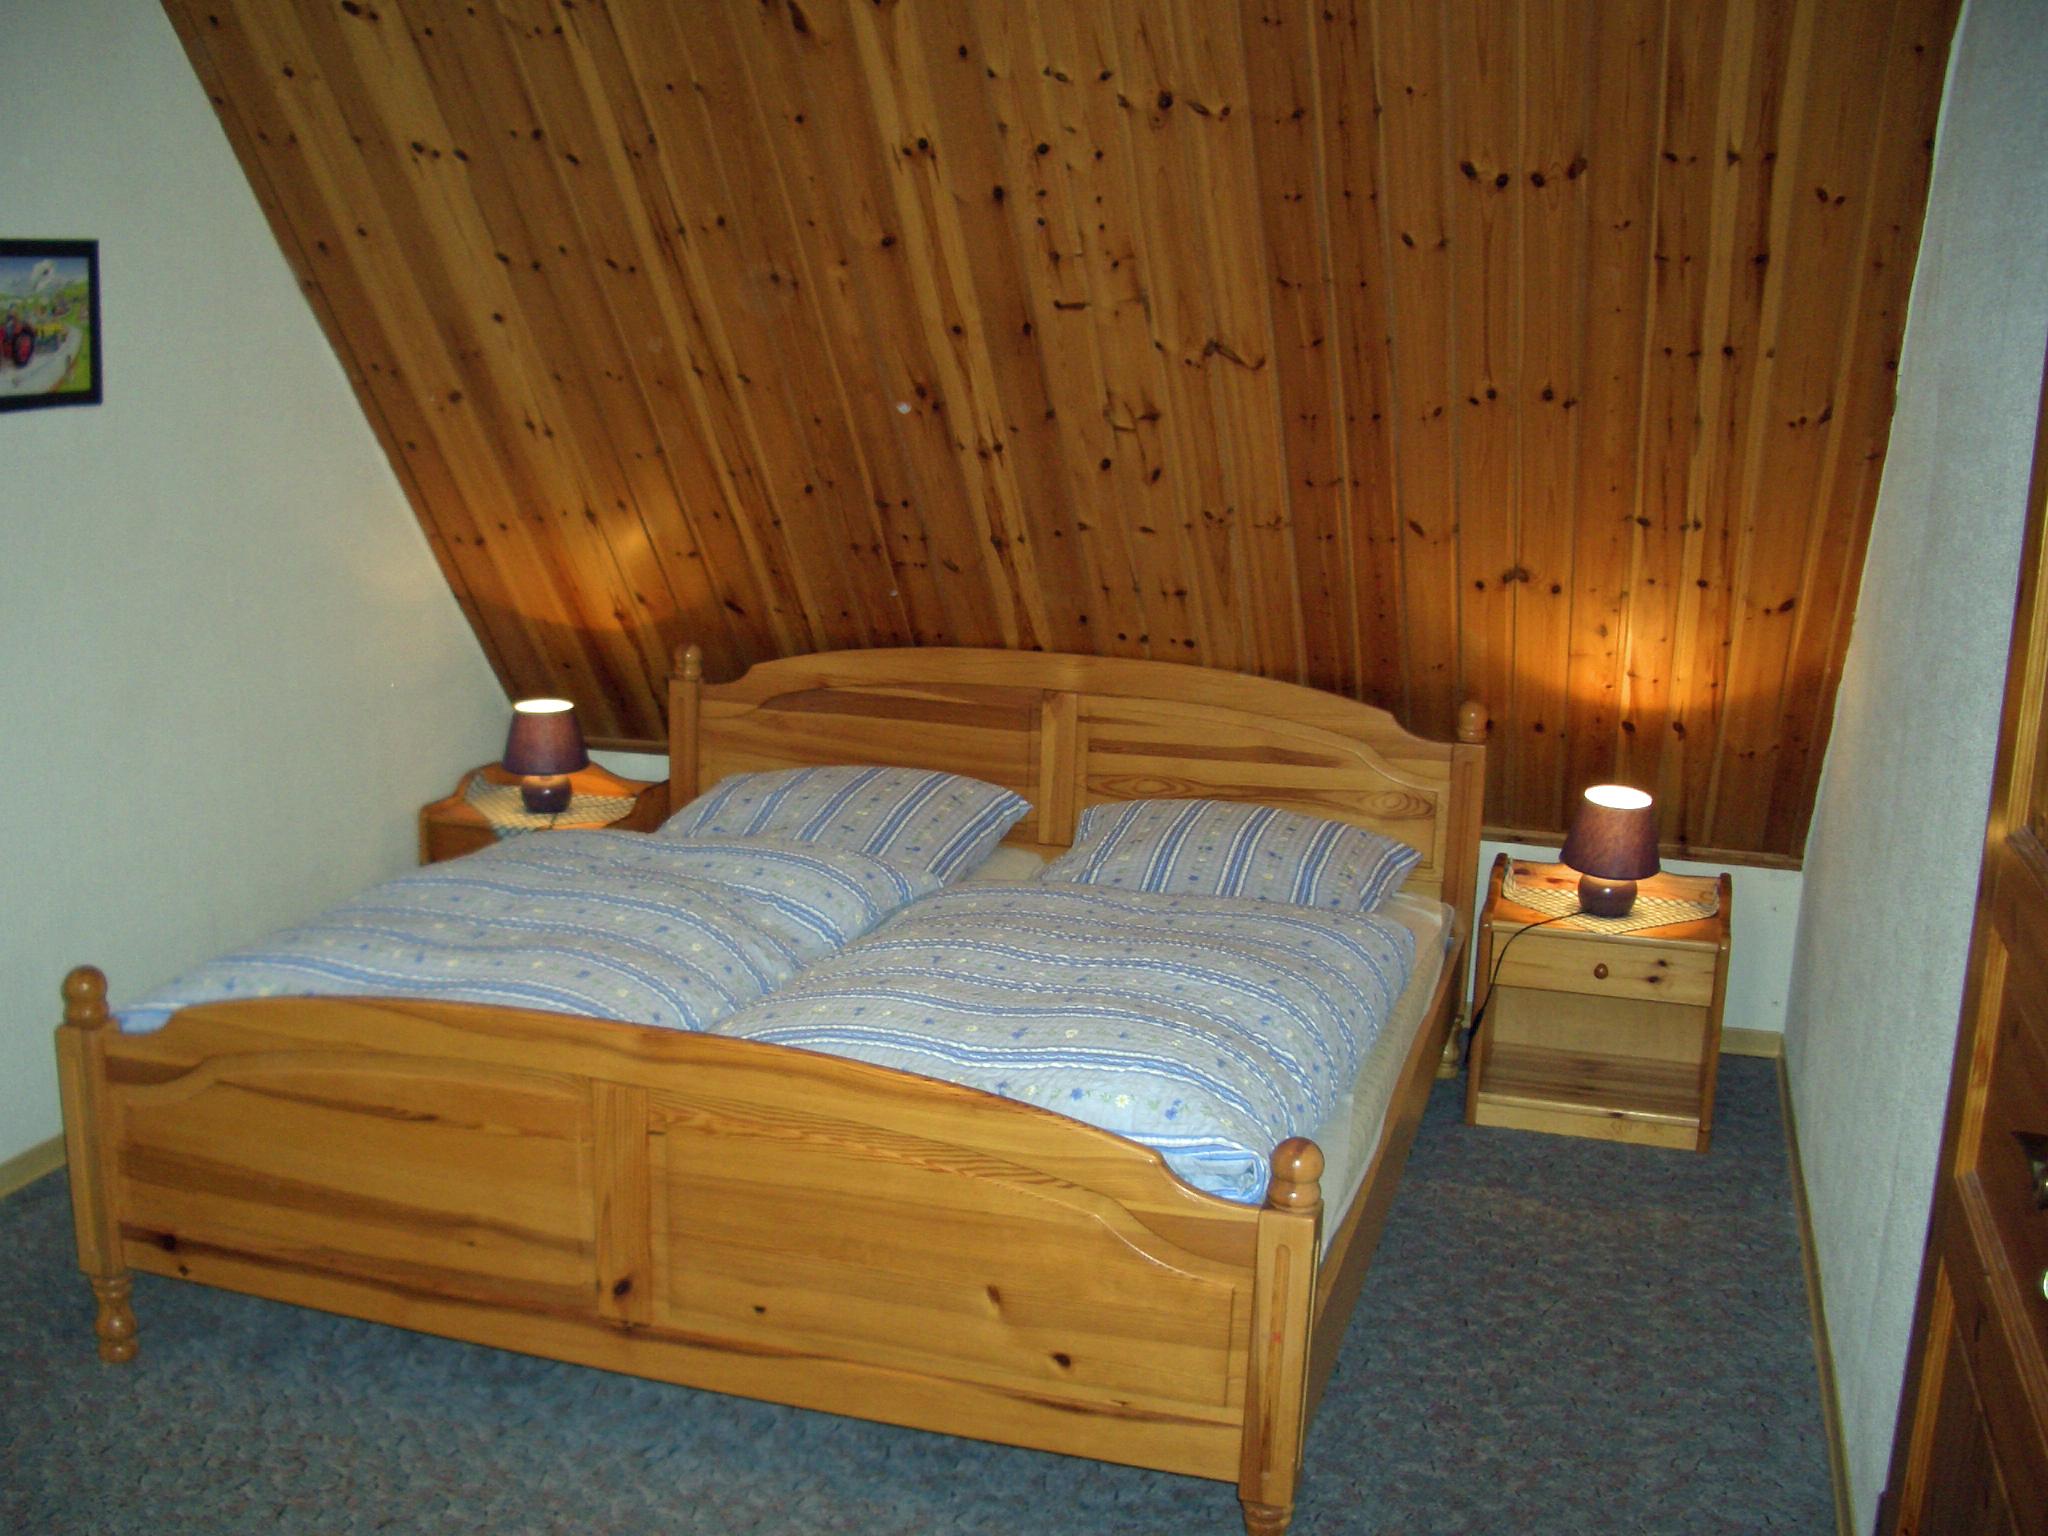 Beispiel für ein Schlafzimmer auf dem Cohrshof